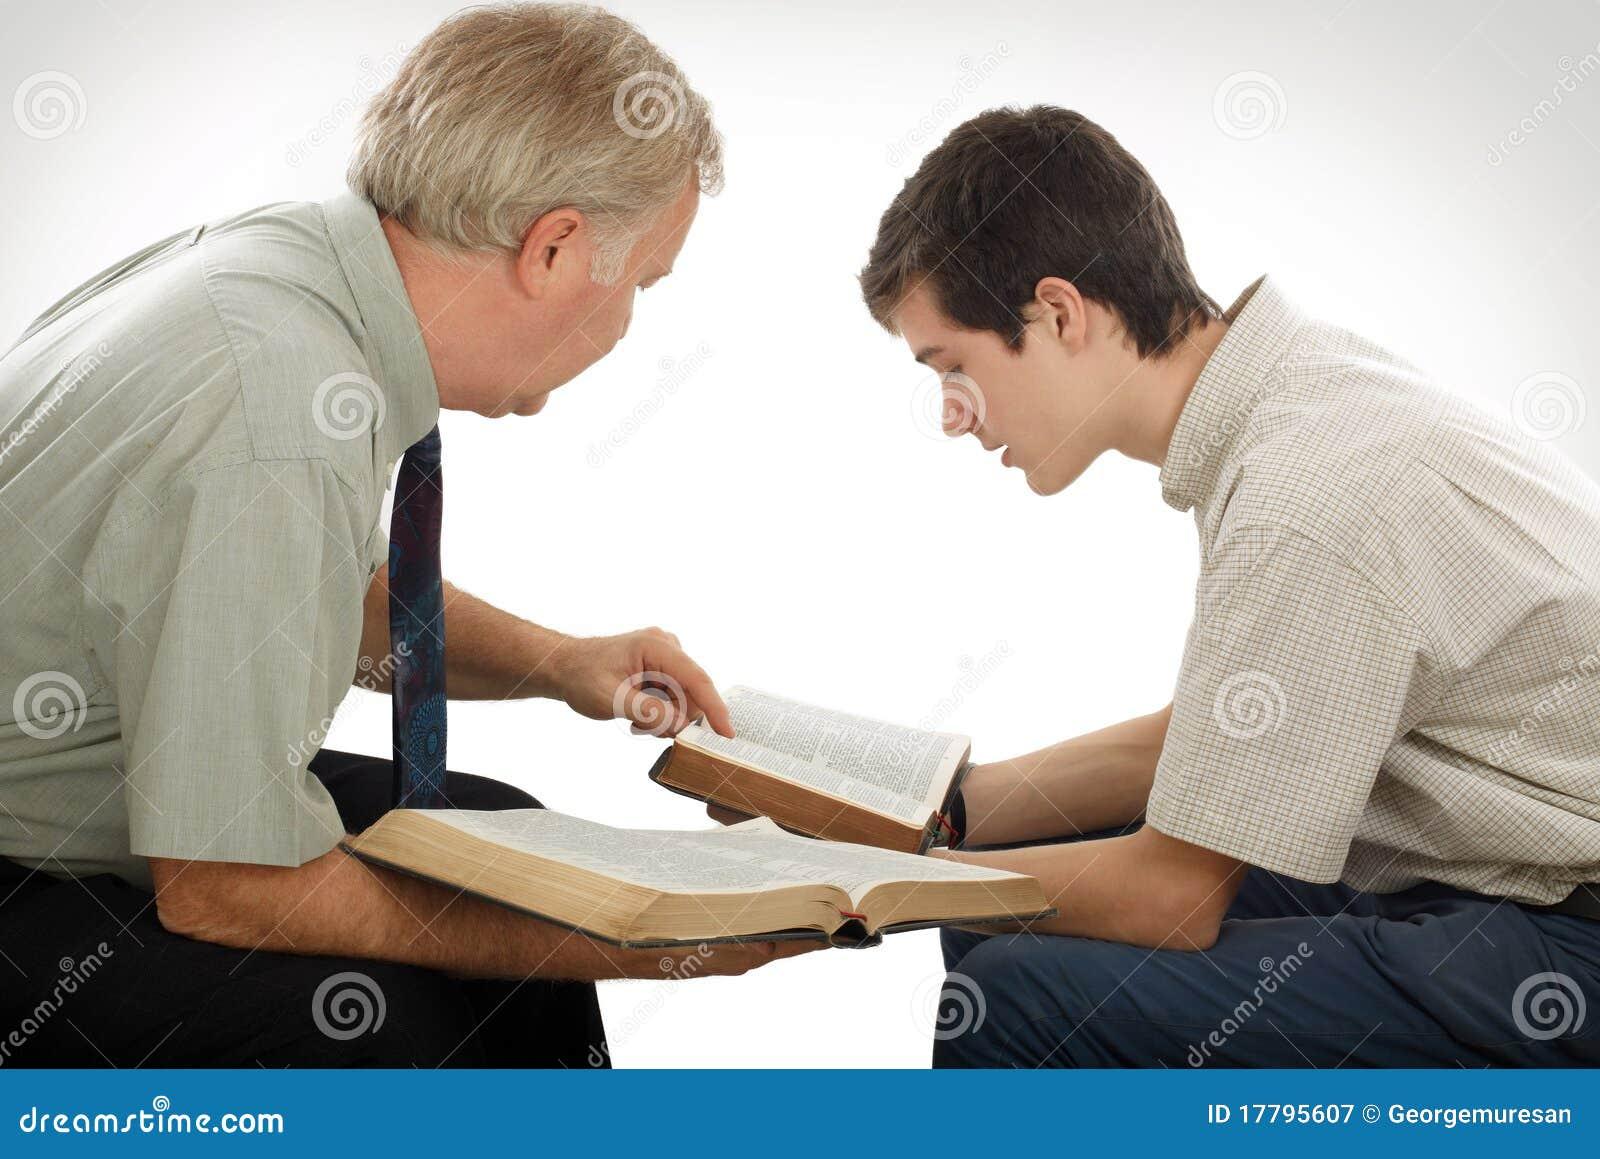 Estudiar la palabra de dios